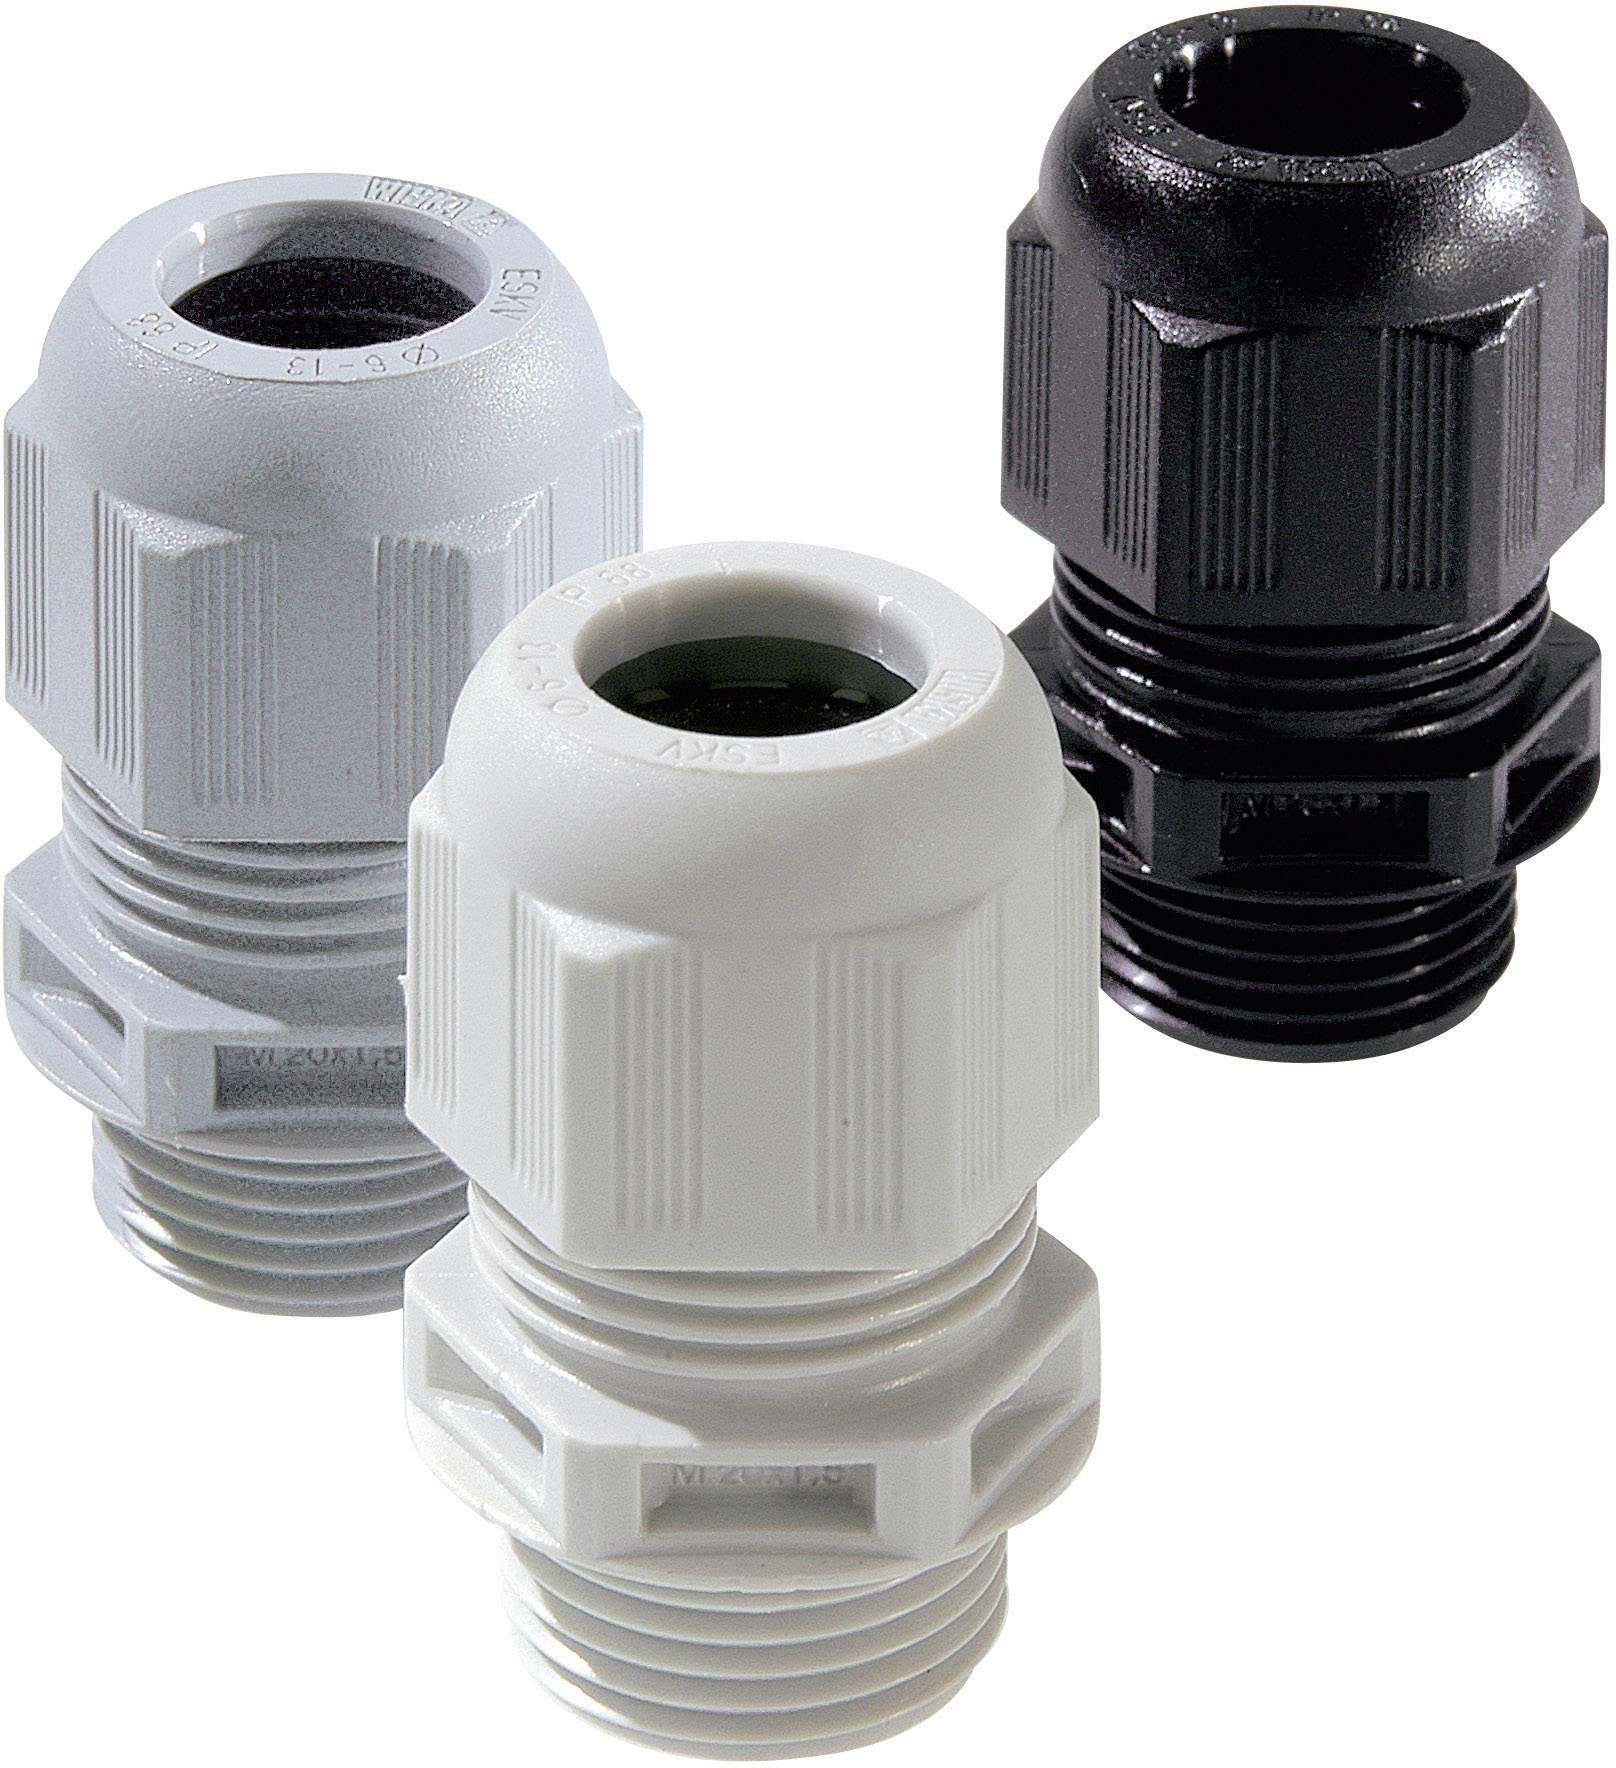 Káblová priechodka Wiska ESKV M40 RAL 9005, polyamid, čierna, 1 ks